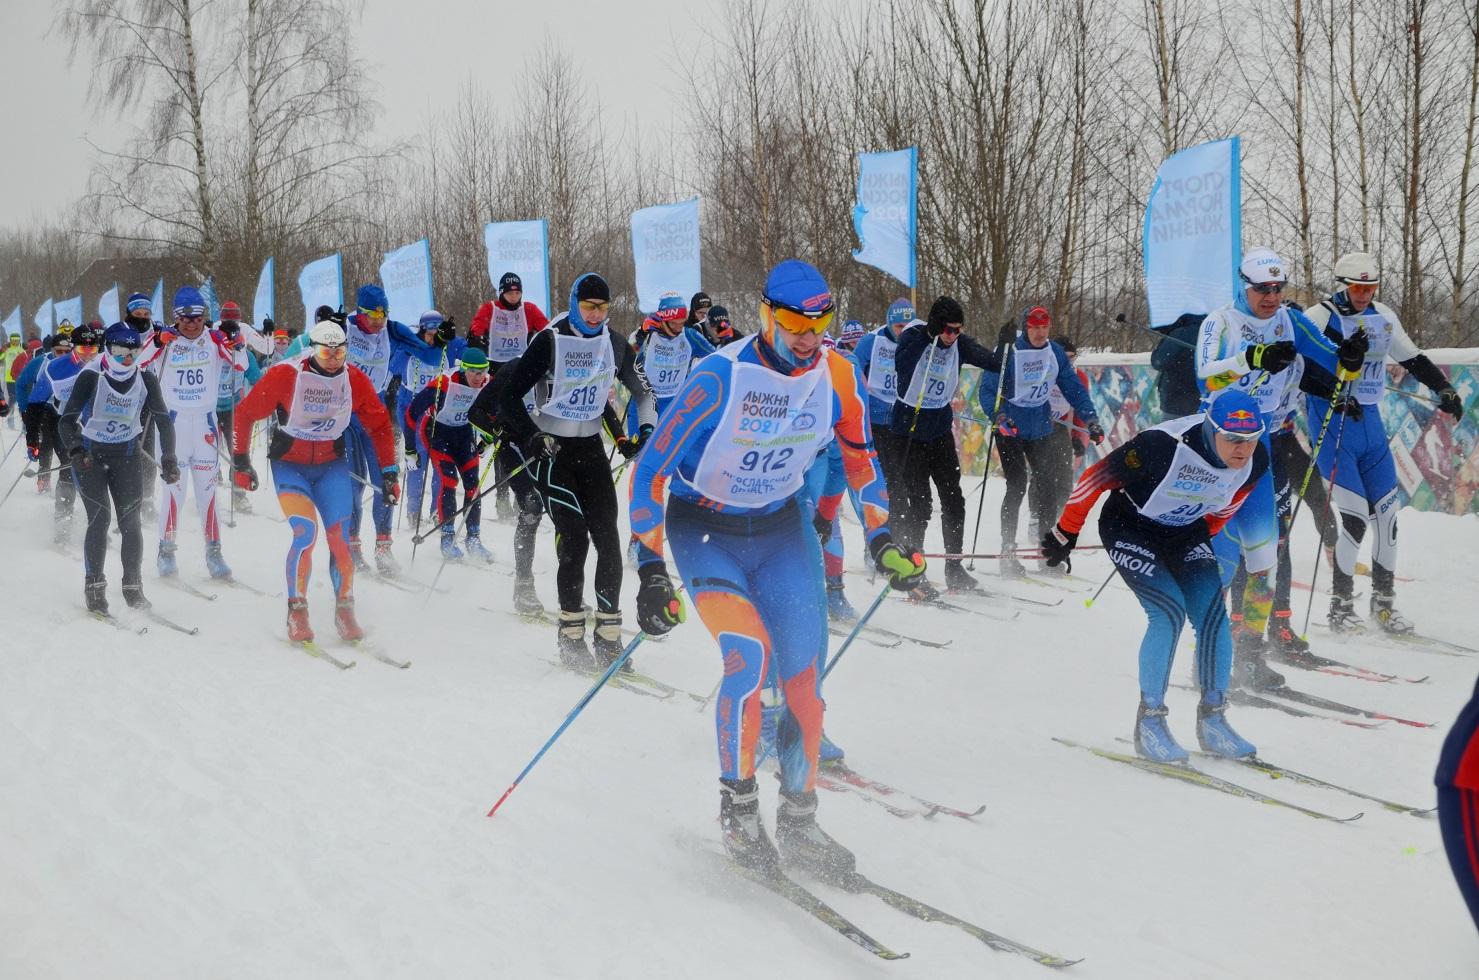 Кому испытание, кому – разминка. Лыжные соревнования в Ярославской области проходят под давлением стихии